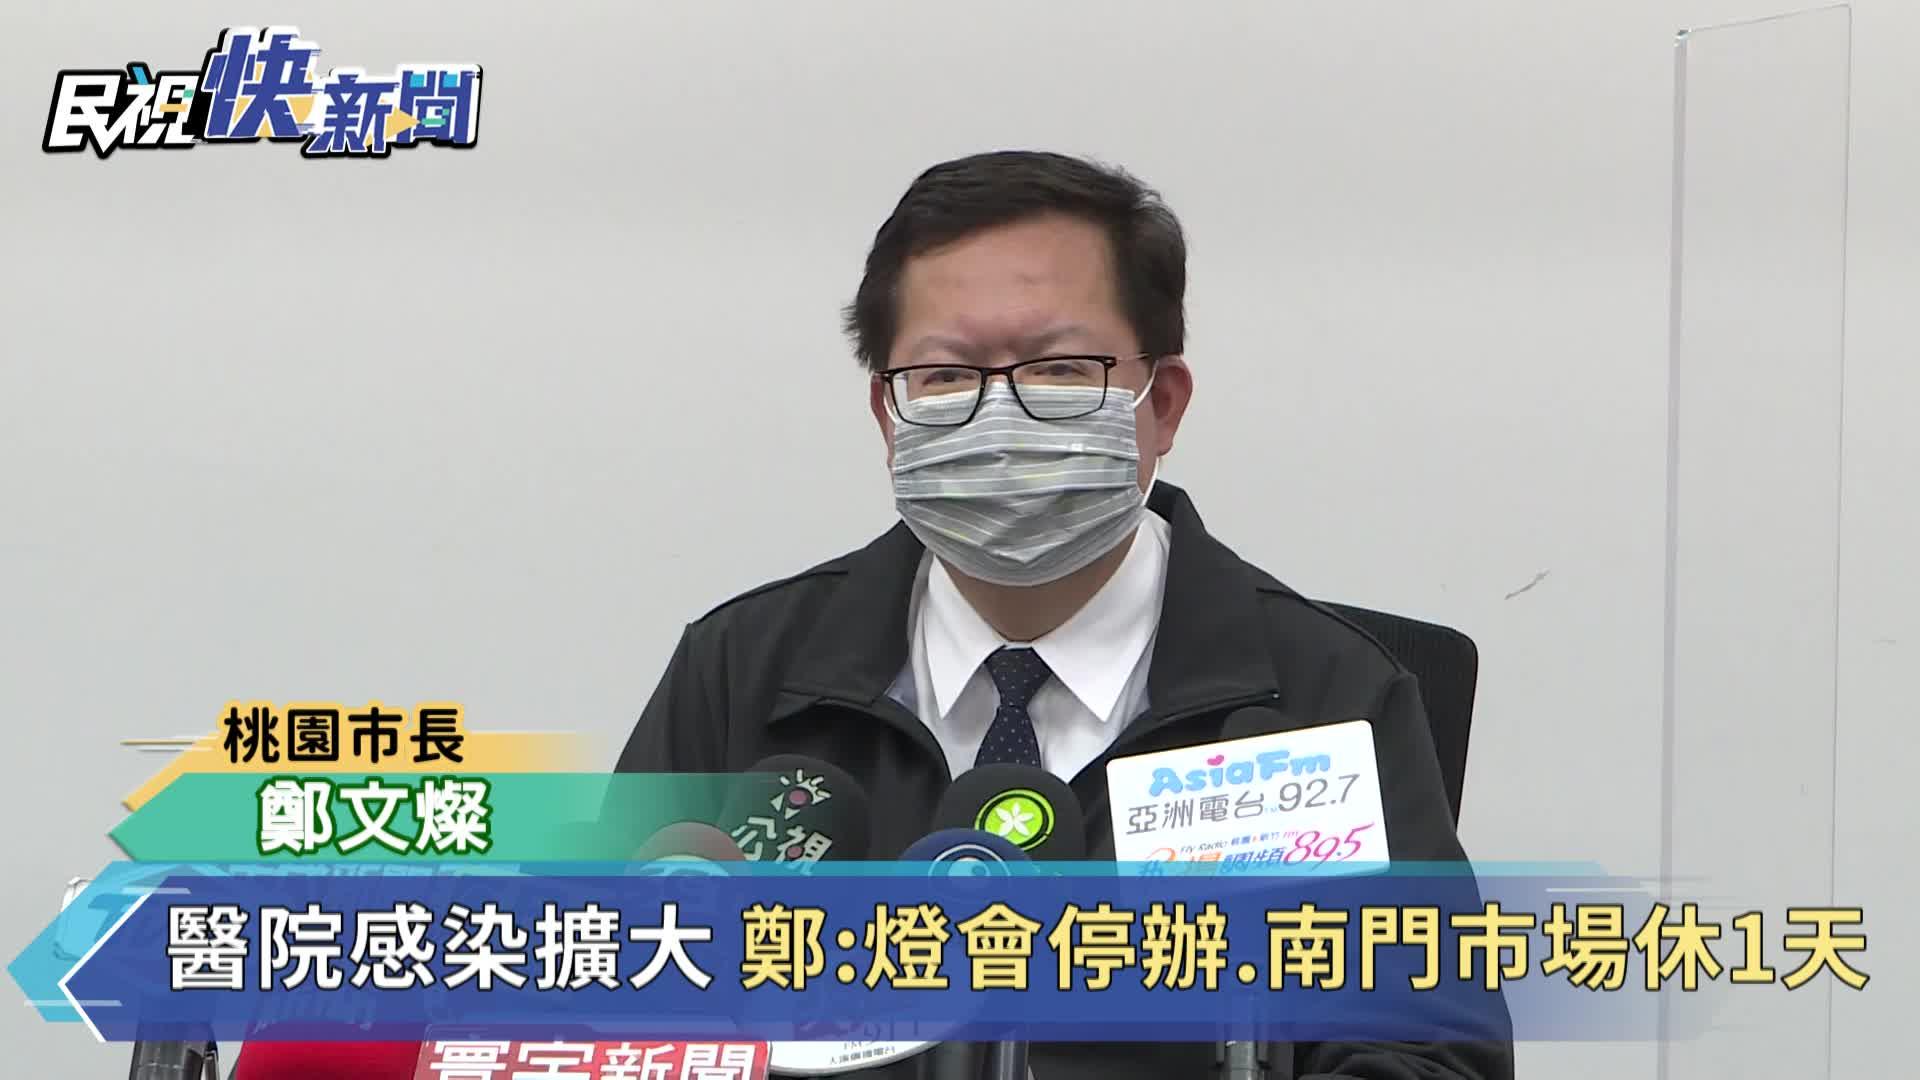 快新聞/部桃醫院感染擴大 鄭文燦:桃園燈會停辦、南門市場明休市1天